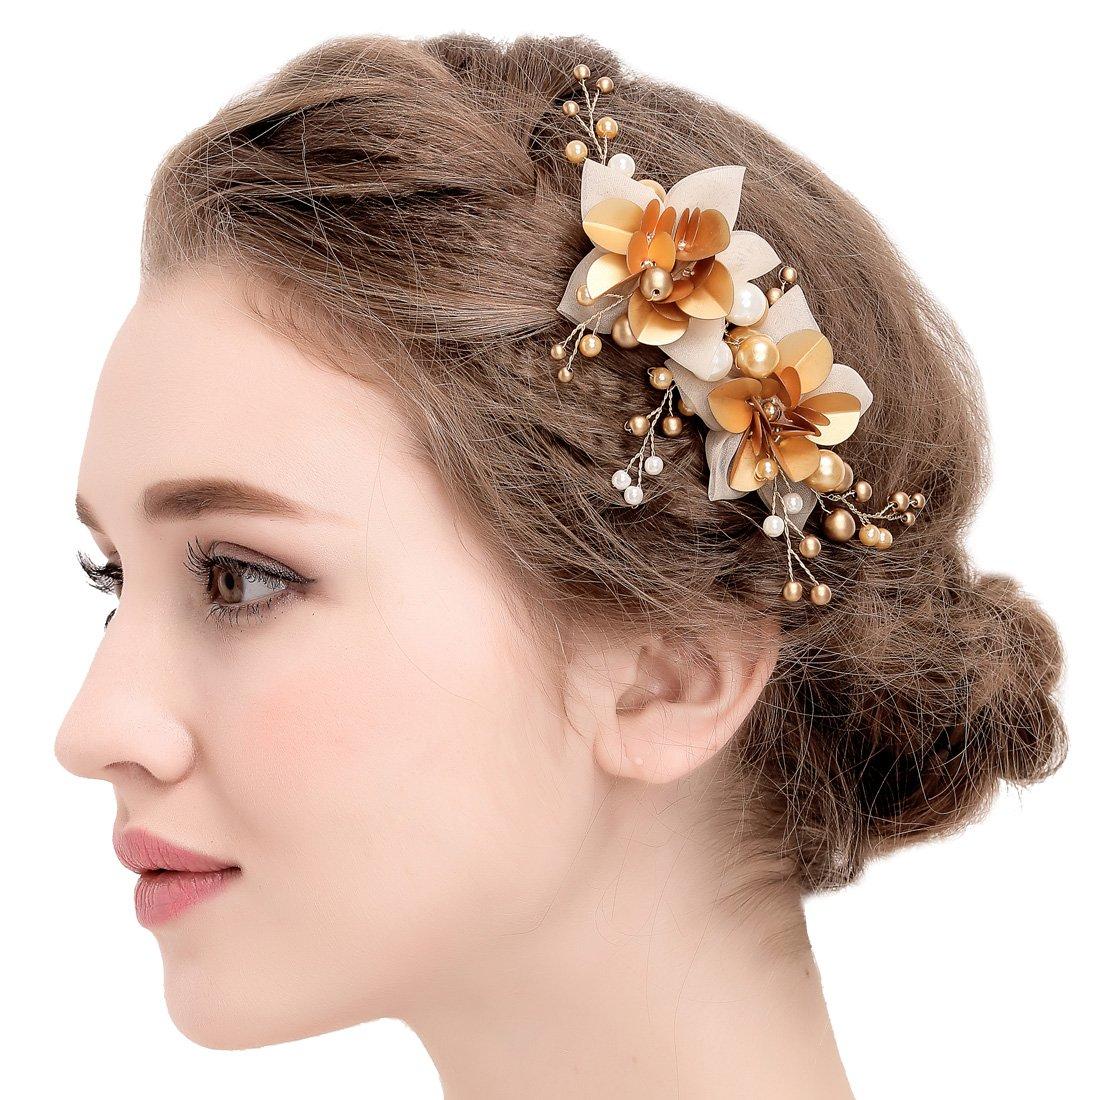 Vintage or Ivoire Hair Clips strass perles simulées Accessoires cheveux de mariage FAYBOX BRIDAL WTS60108